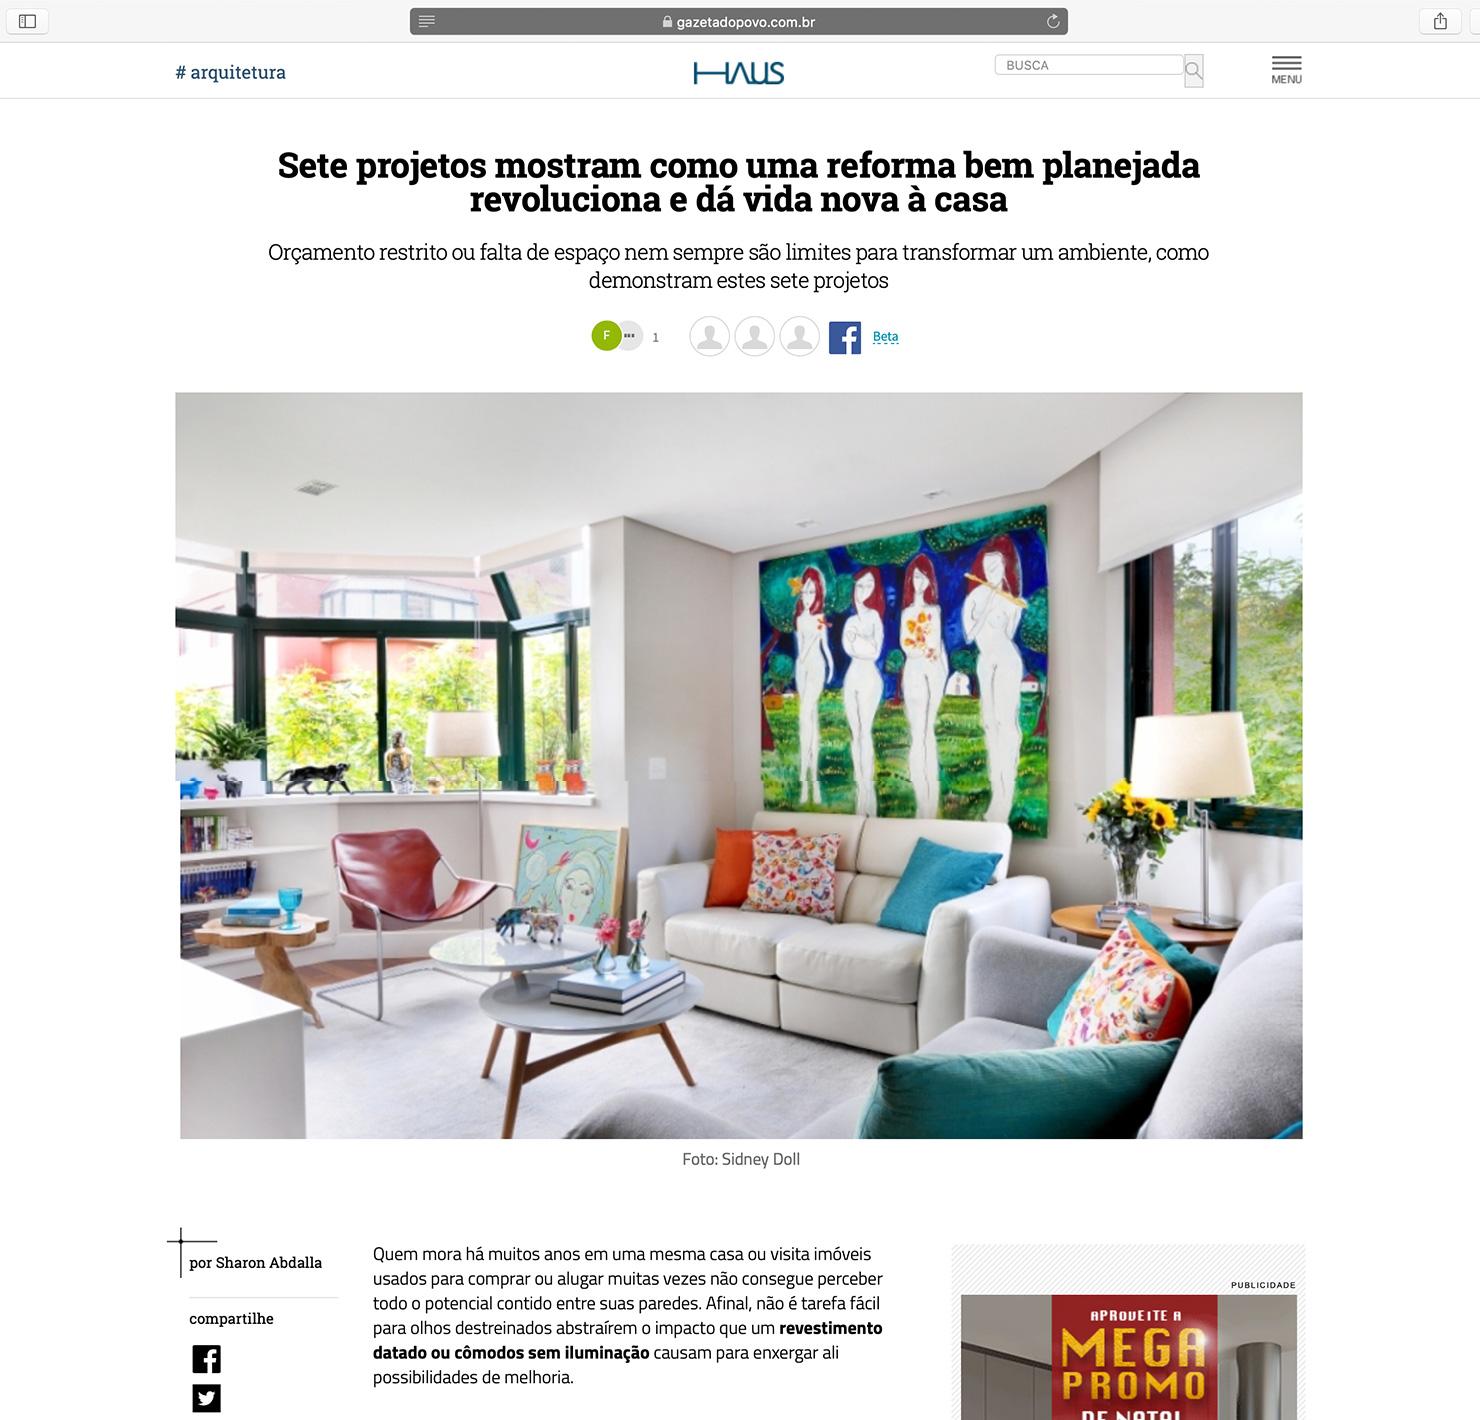 Apartamento Foto  HAUS Gazeta do Povo |  Link